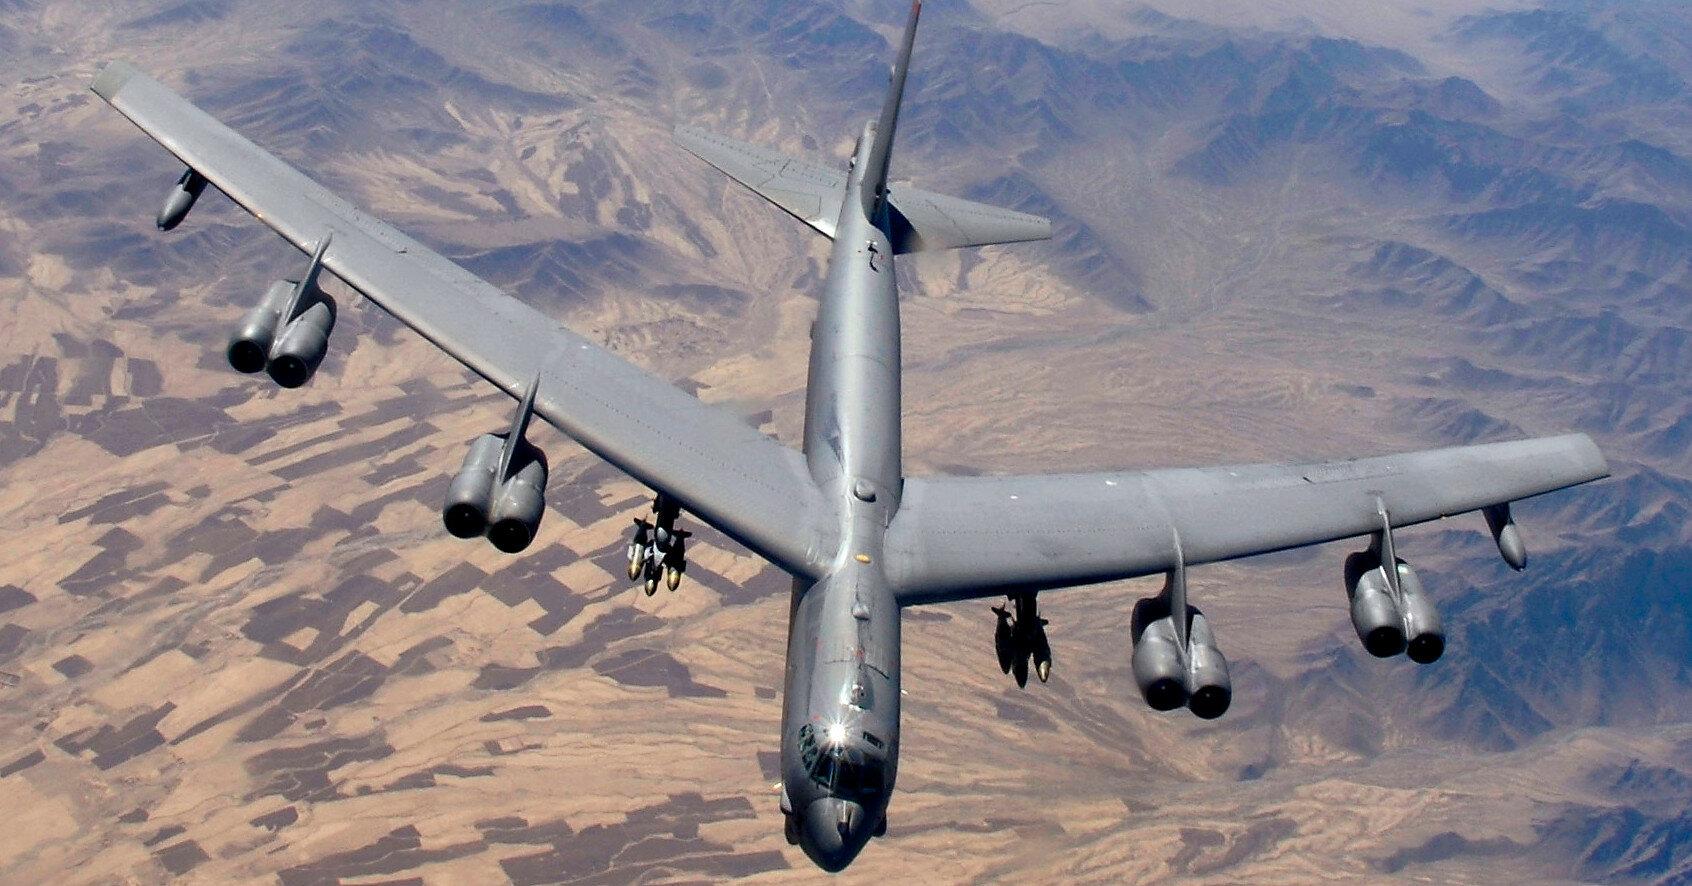 США направили в Афганистан бомбардировщики для борьбы с талибами